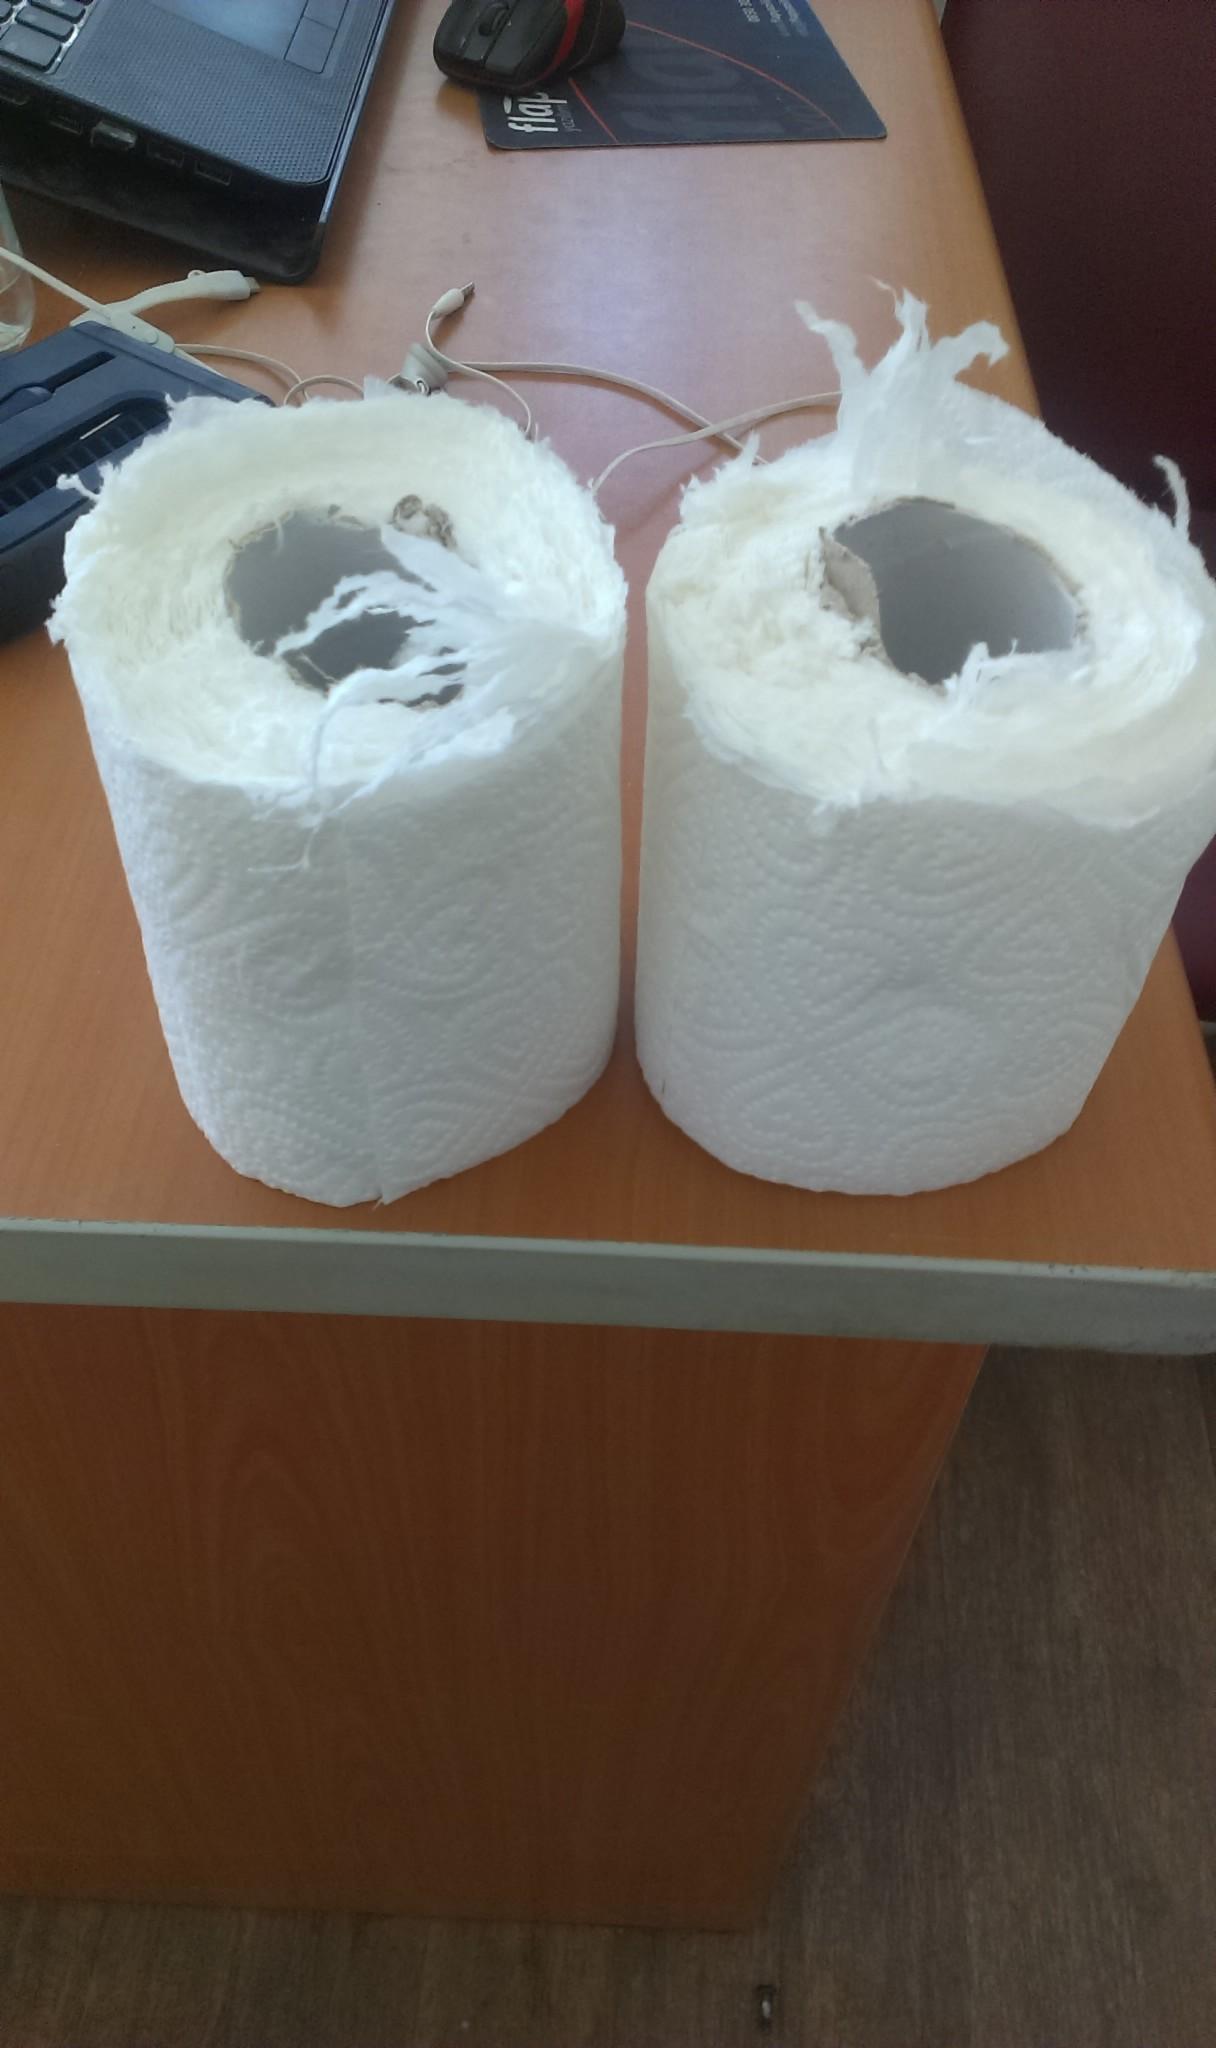 kağıt havluyu ikiye bölüp tuvalet kağıdı yapmak - uludağ sözlük